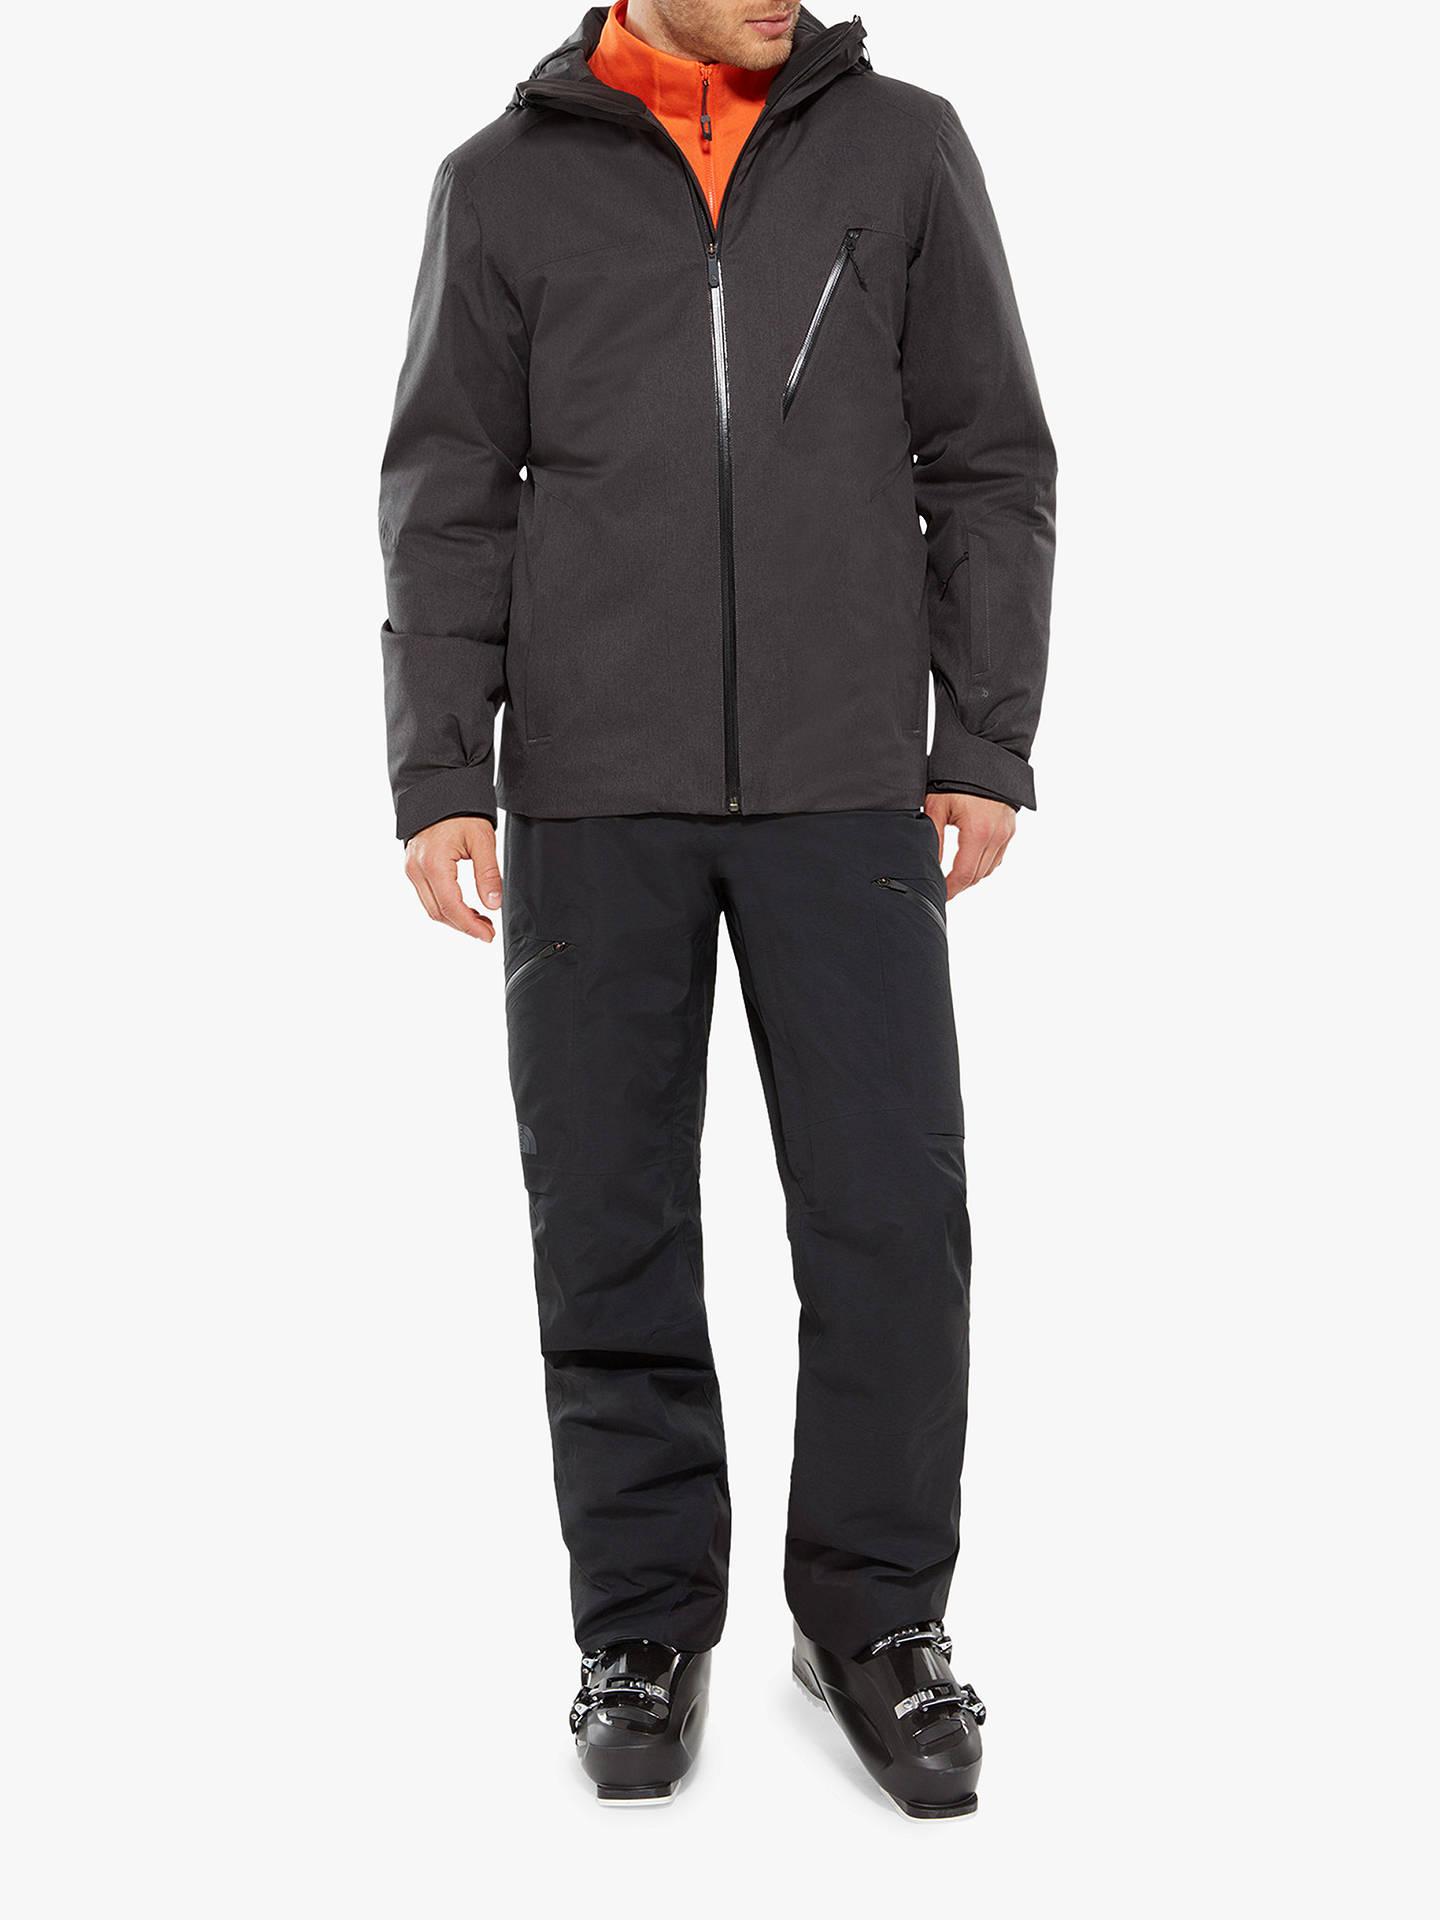 envío directo Tienda predominante The North Face Men's Descendit Waterproof Ski Jacket at John ...